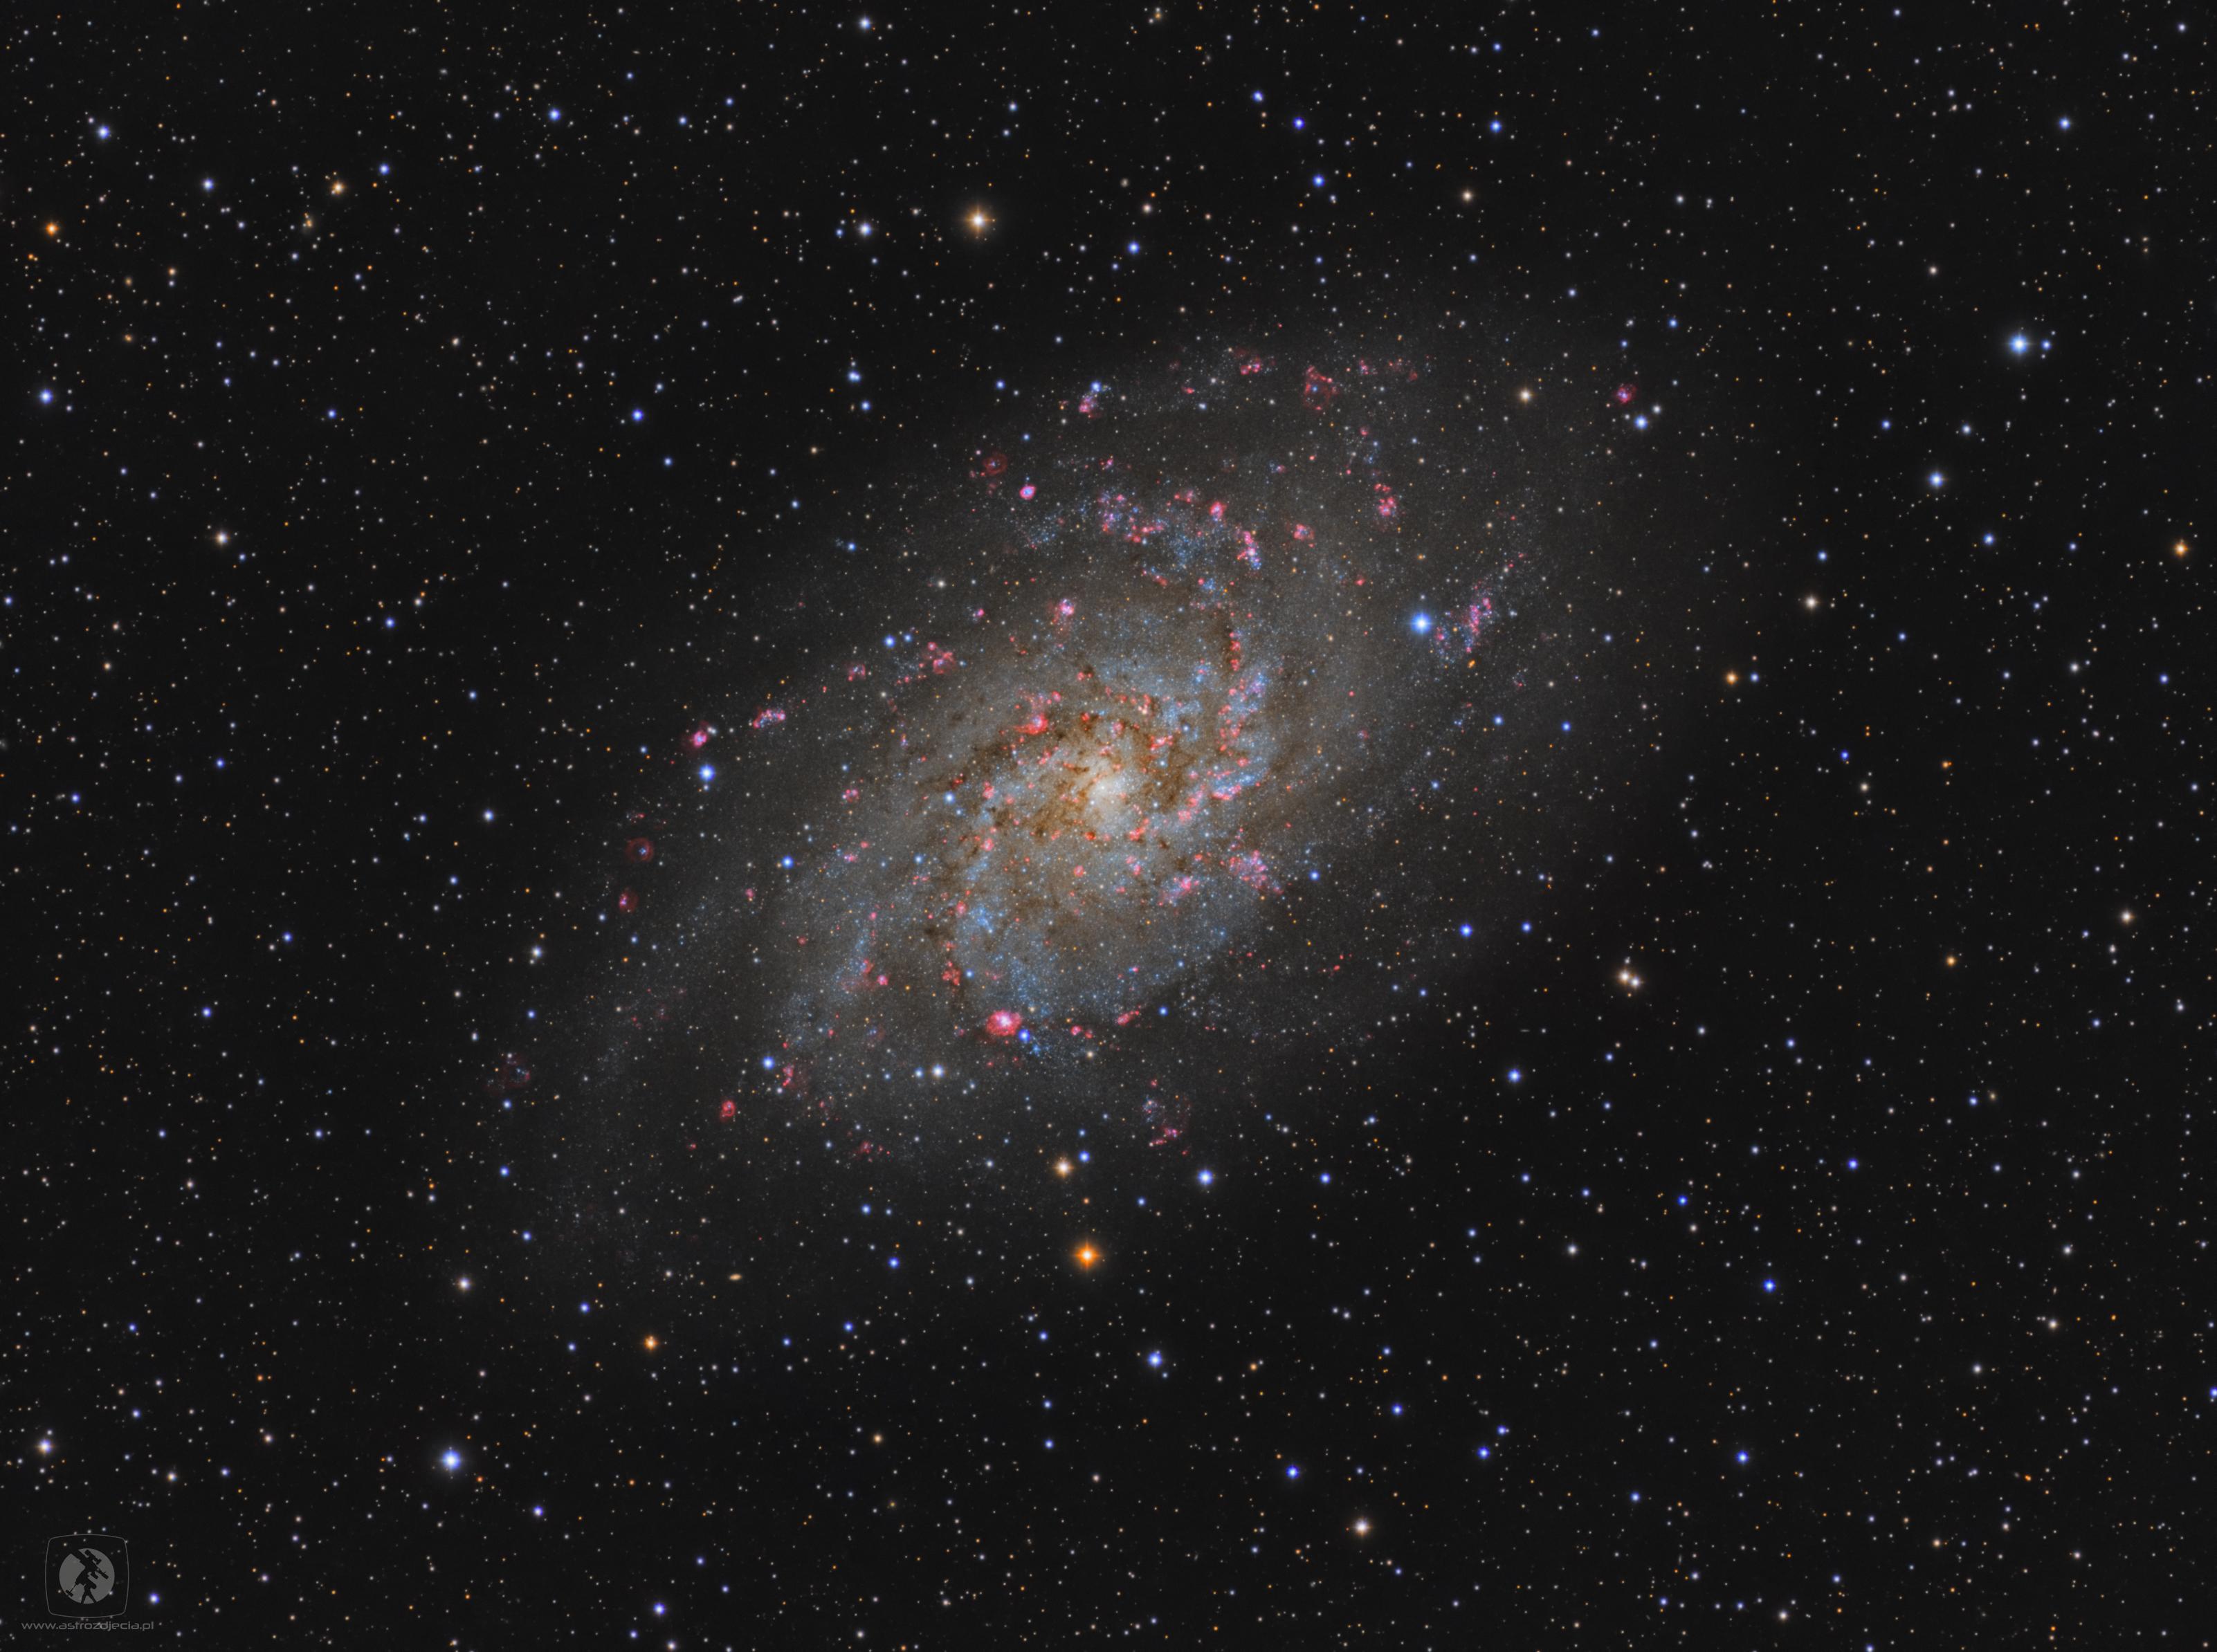 M33-full Date 2018-10 Camera QHY9 Mount SW NEQ6 Telescope TS APO 100Q Exp L 100x600 RGB 3x30x300 Ha 45x1200